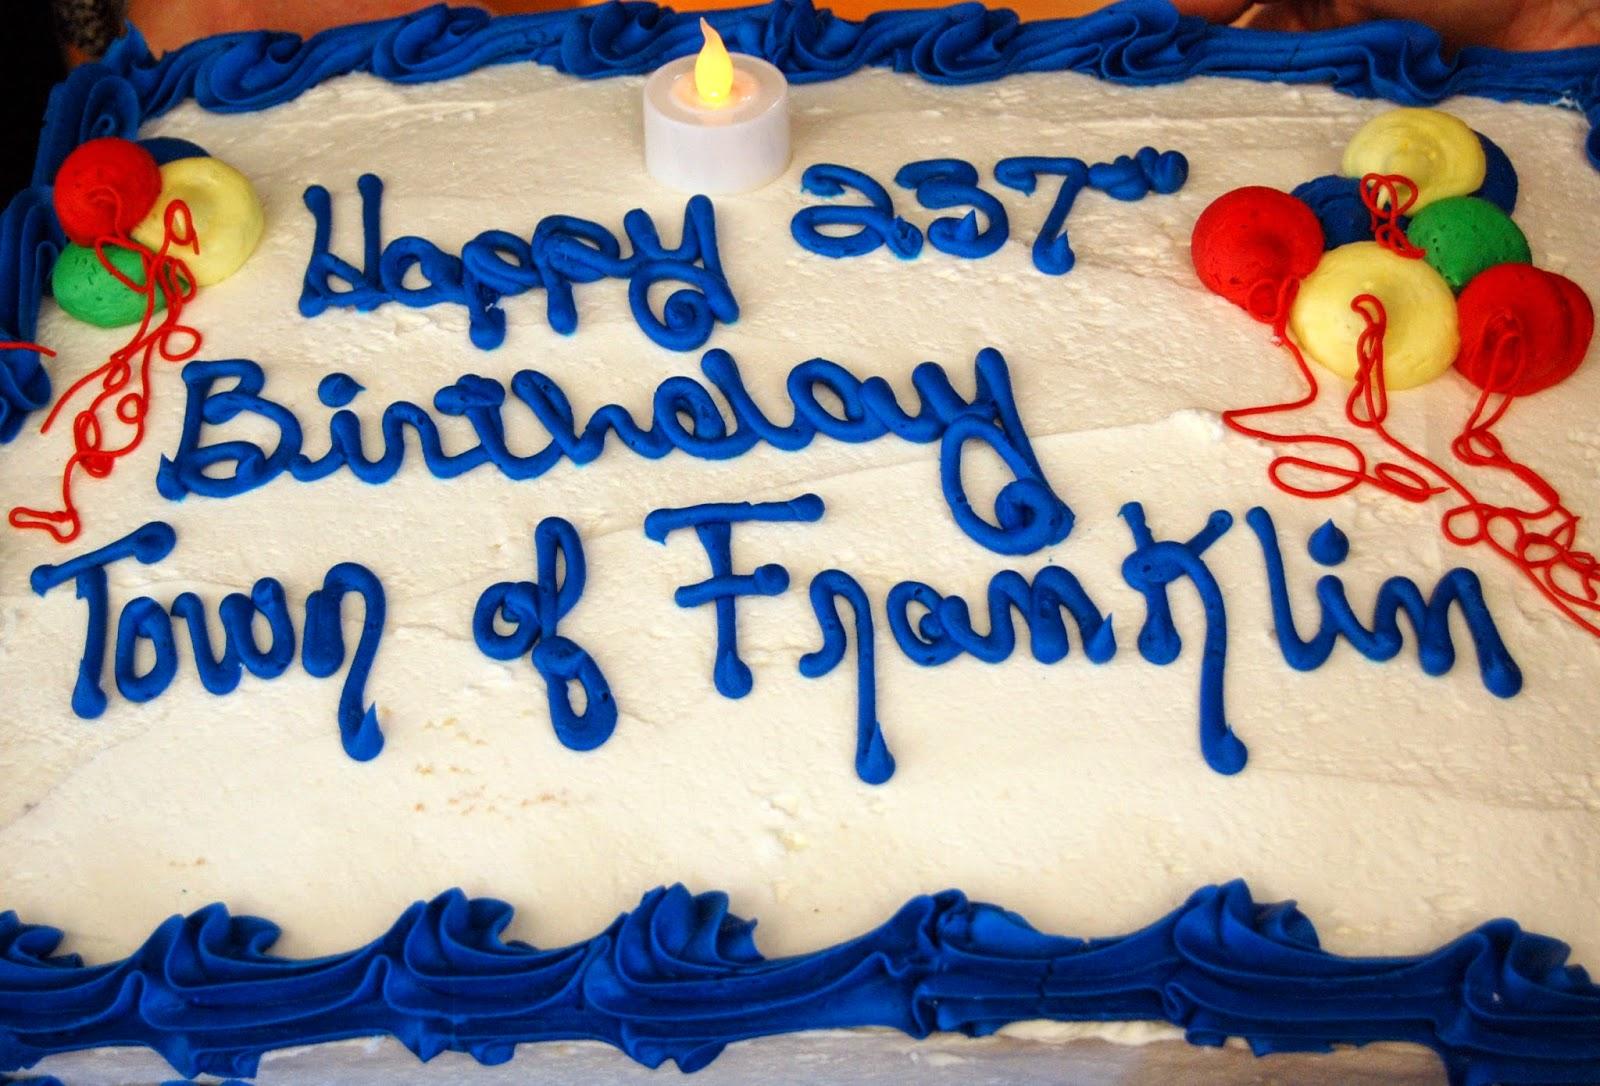 Residents Birthday Cake